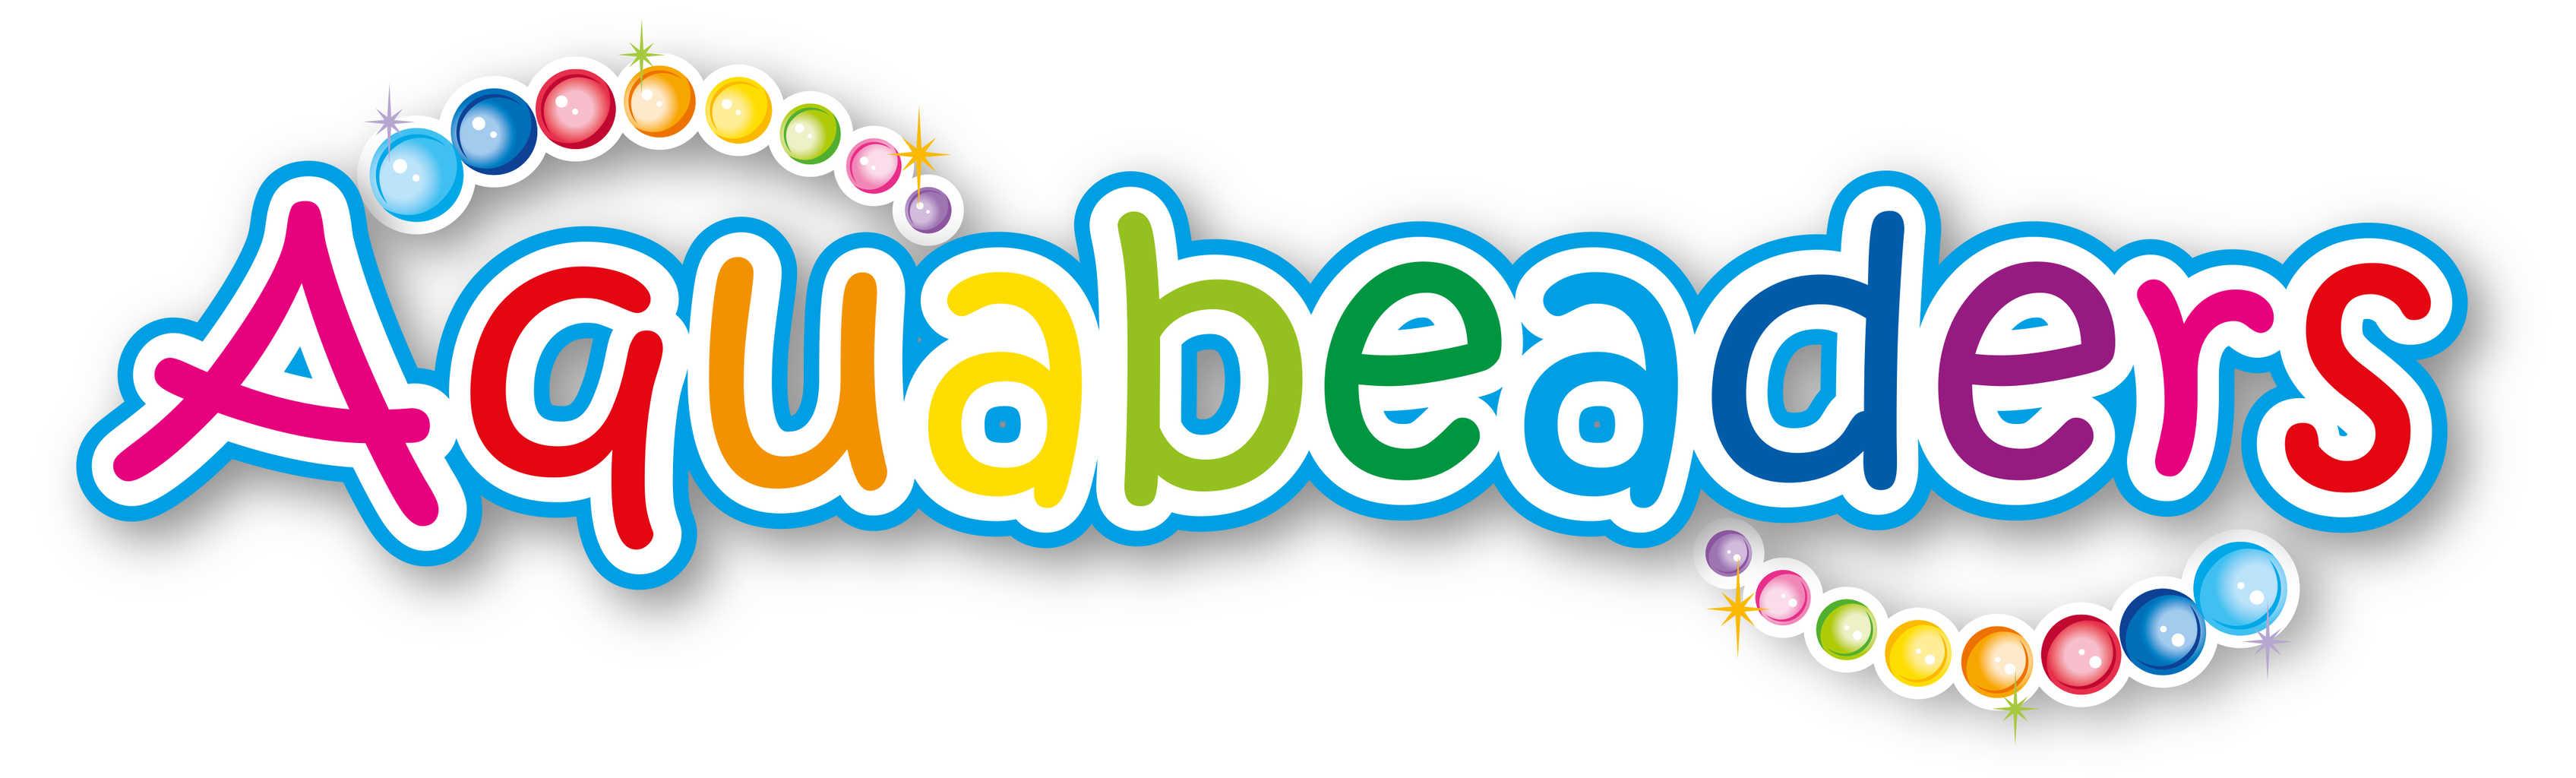 Aquabeads logo